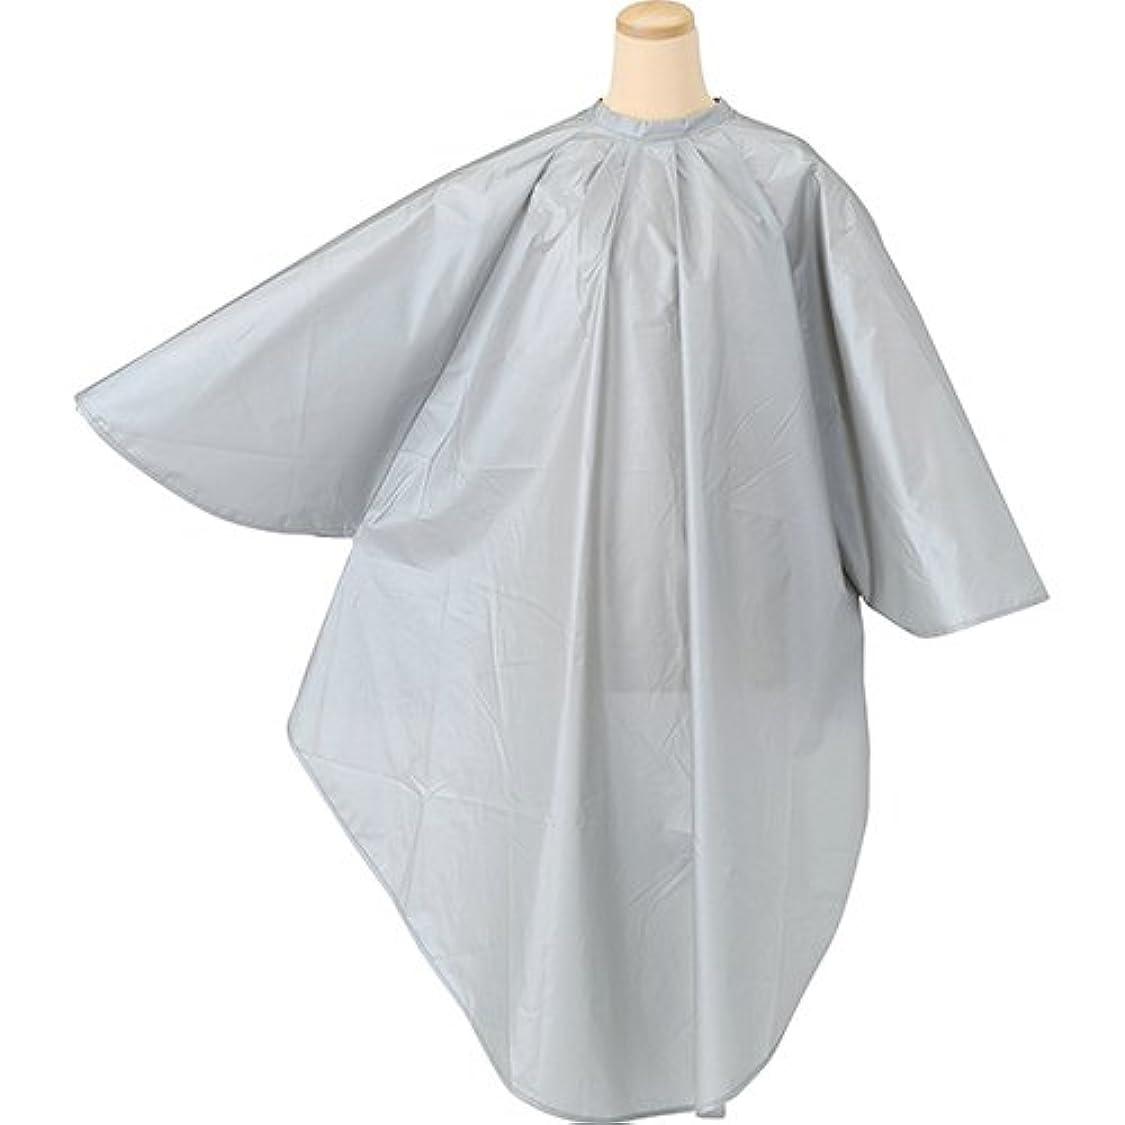 ブラケット恐れる乱気流TBG 袖付きカットクロスATD グレー